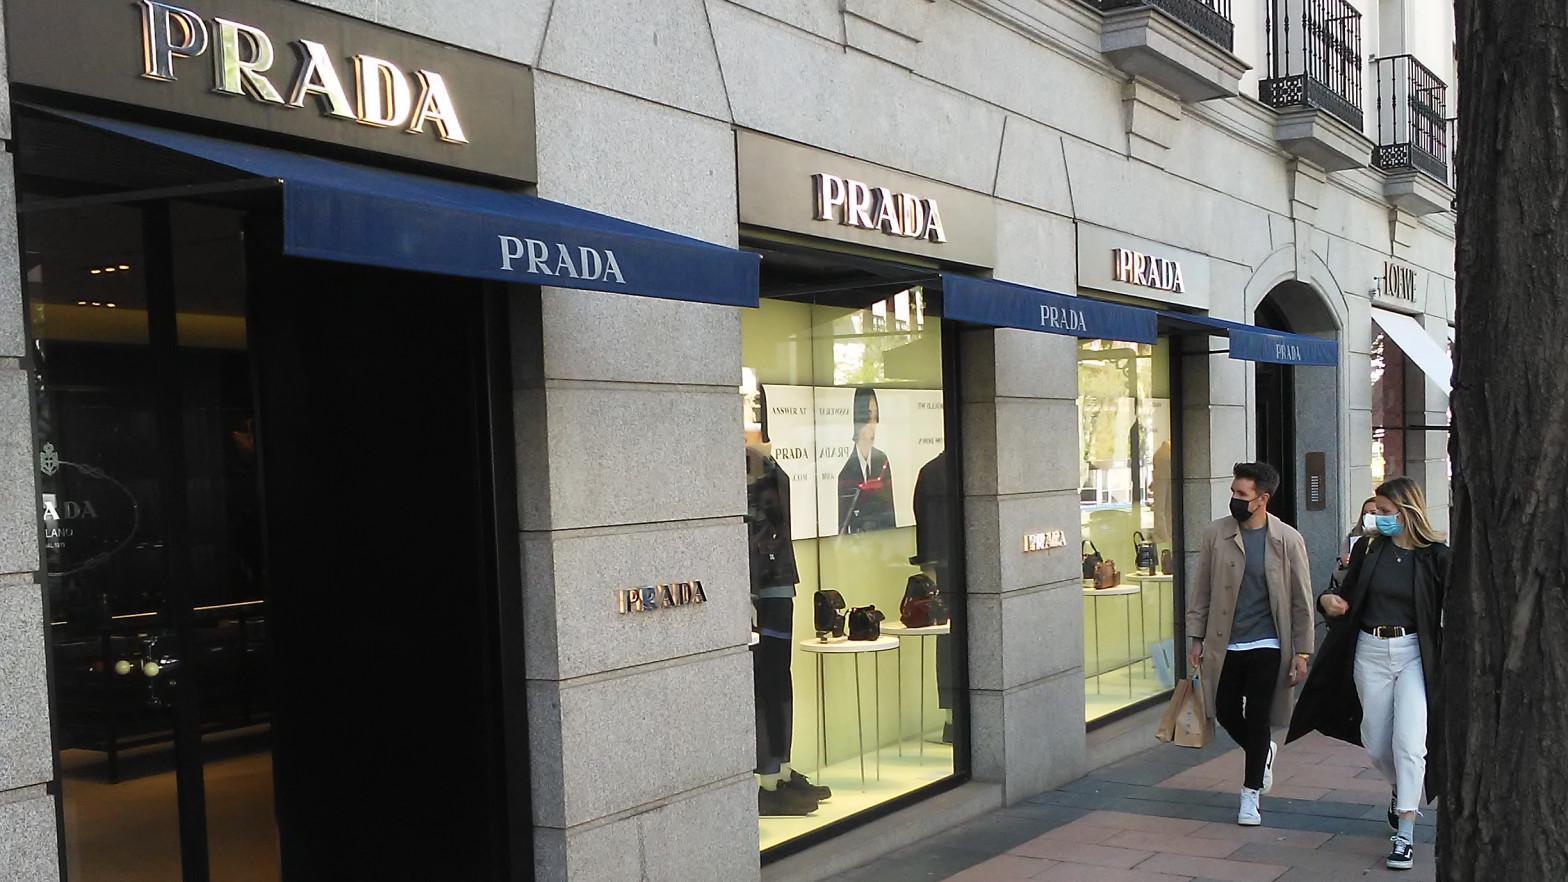 El grupo de lujo Prada contrata a Garrigues y demanda al casero de la Milla de Oro